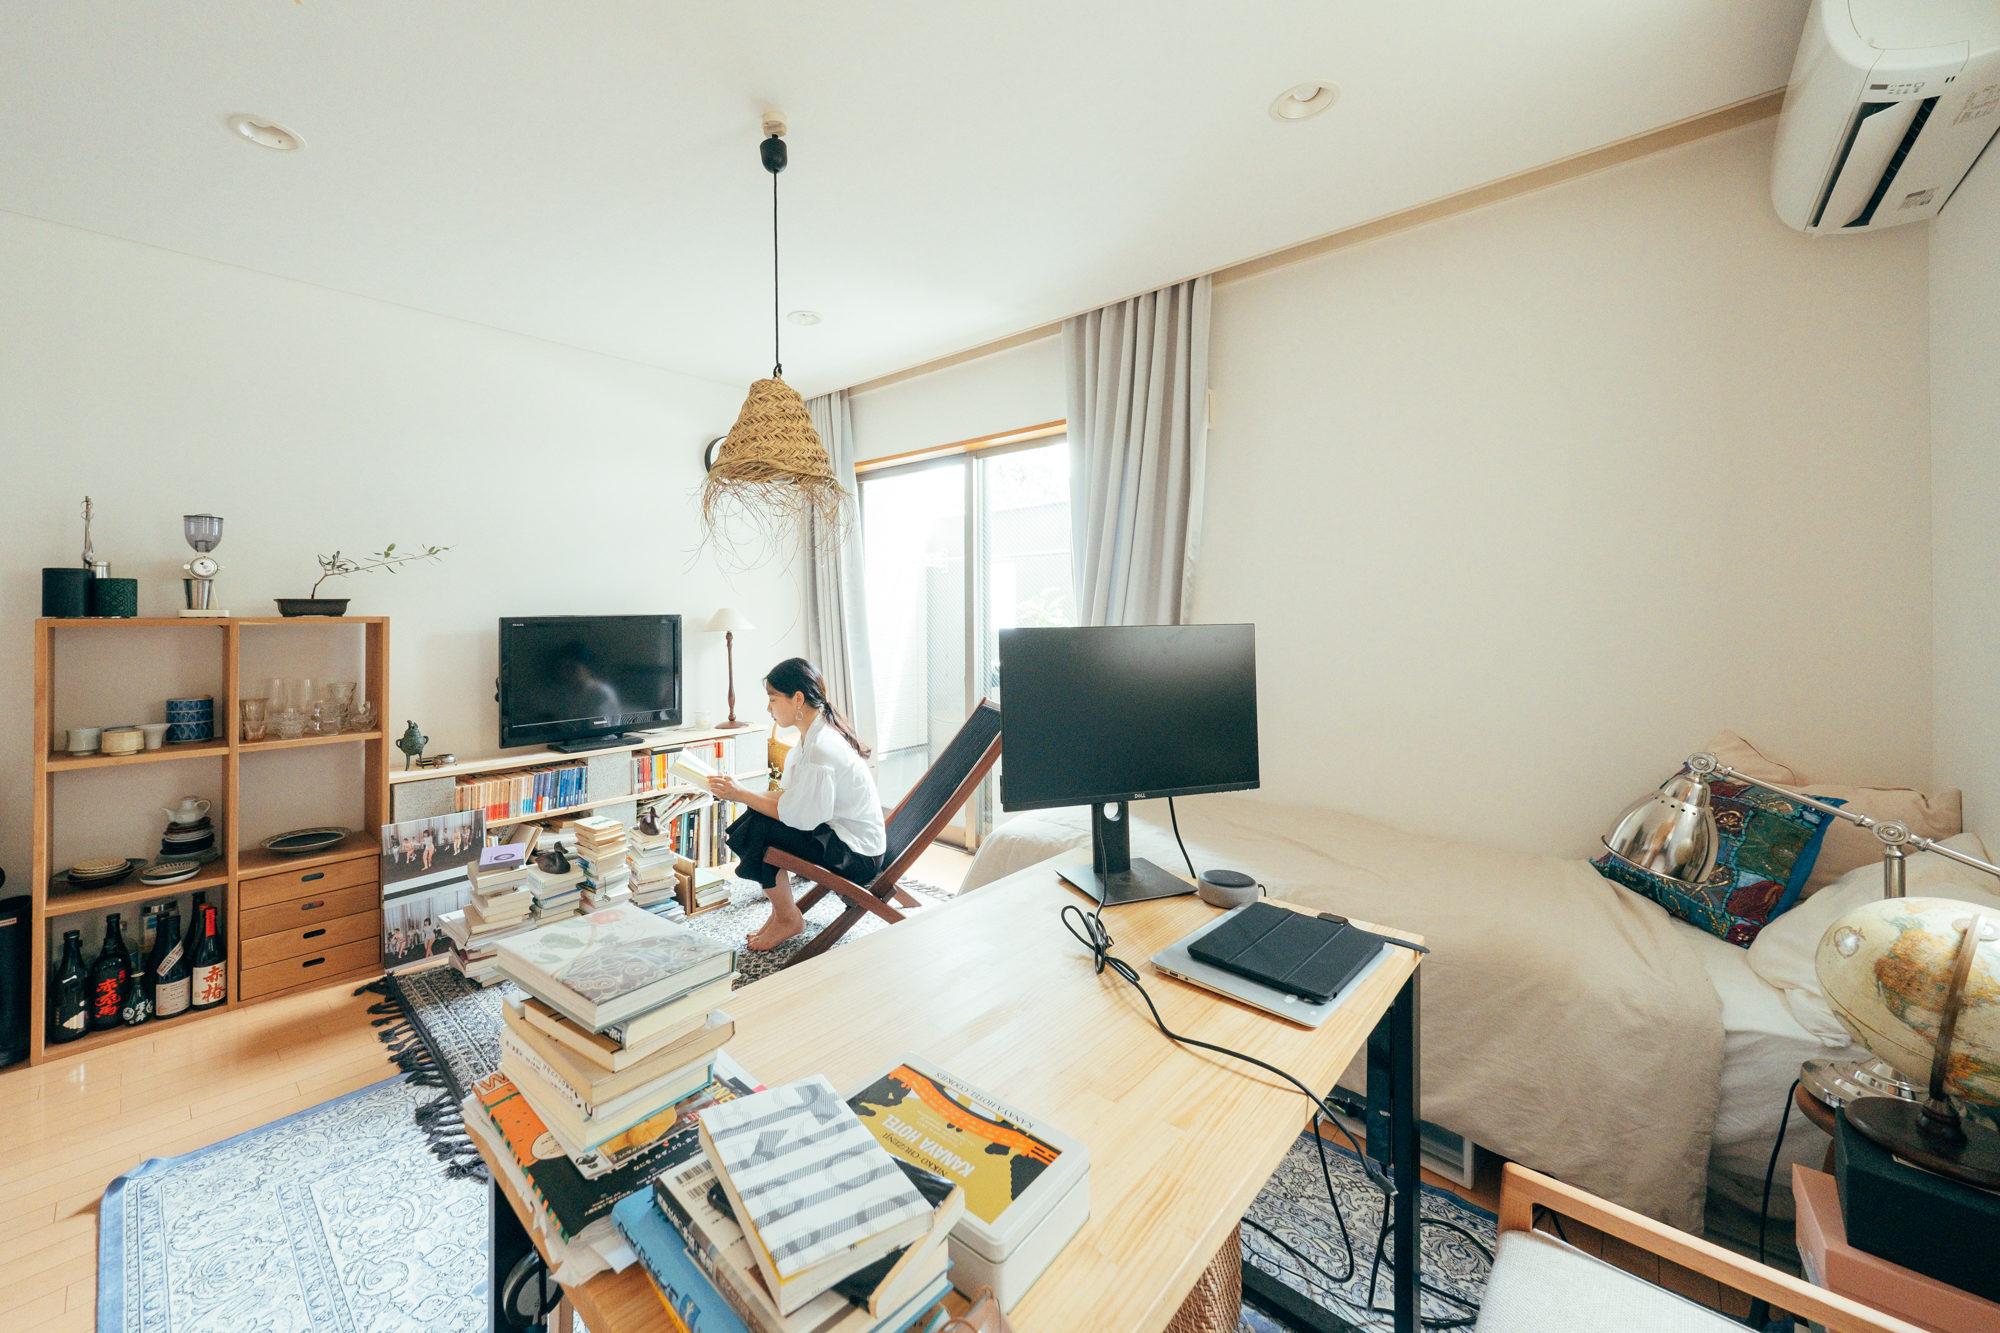 小説や画集から論文まで、たくさんの本に囲まれたお部屋。読書用の椅子はIKEAのブロモー